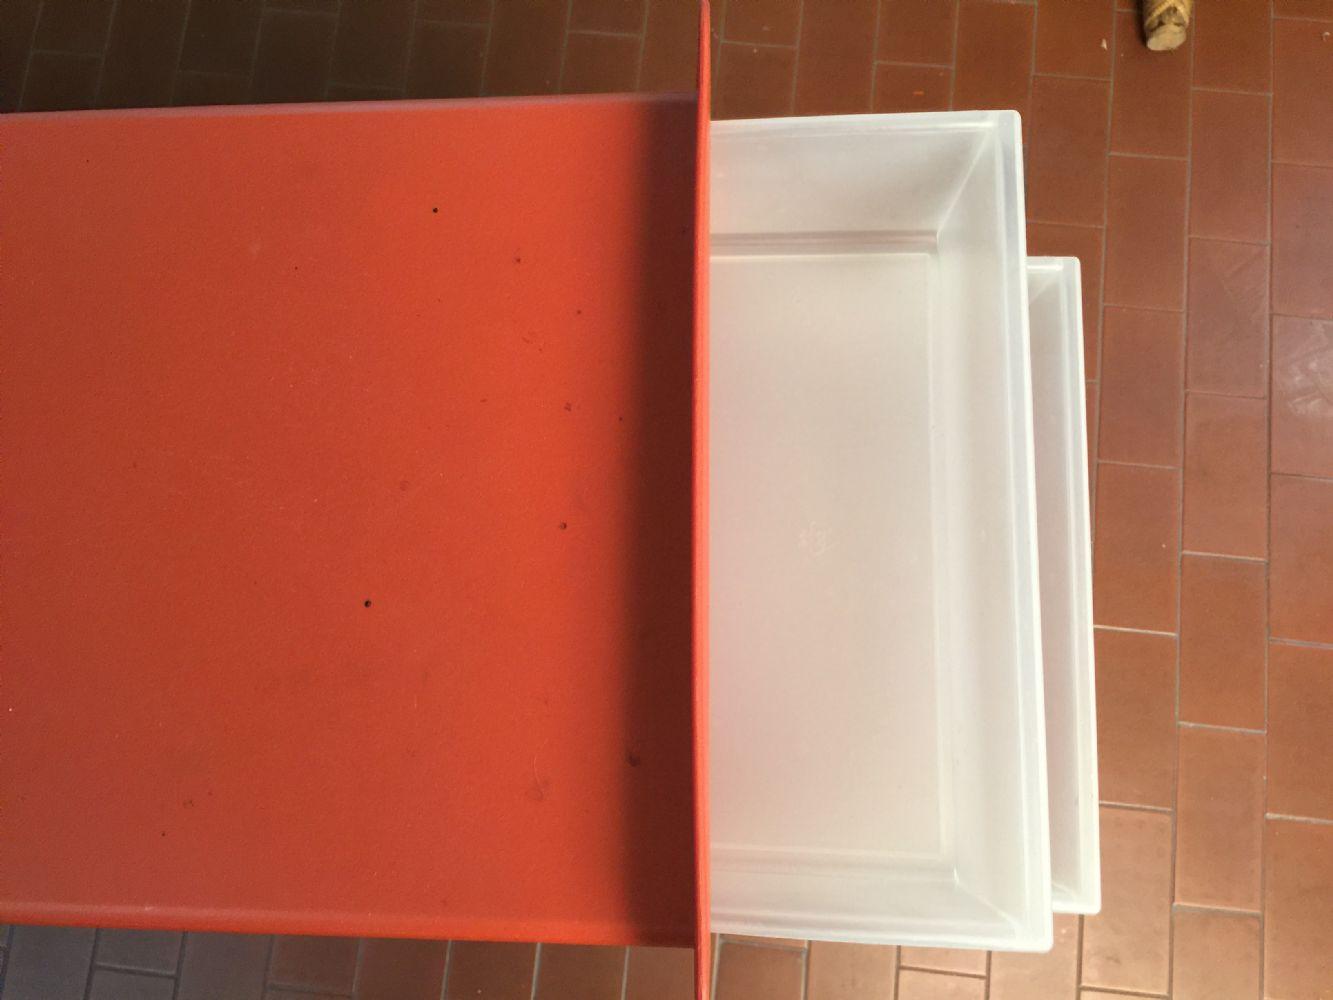 Baratto scambio mobiletto ikea con ruote arredamento for Ikea complementi d arredo